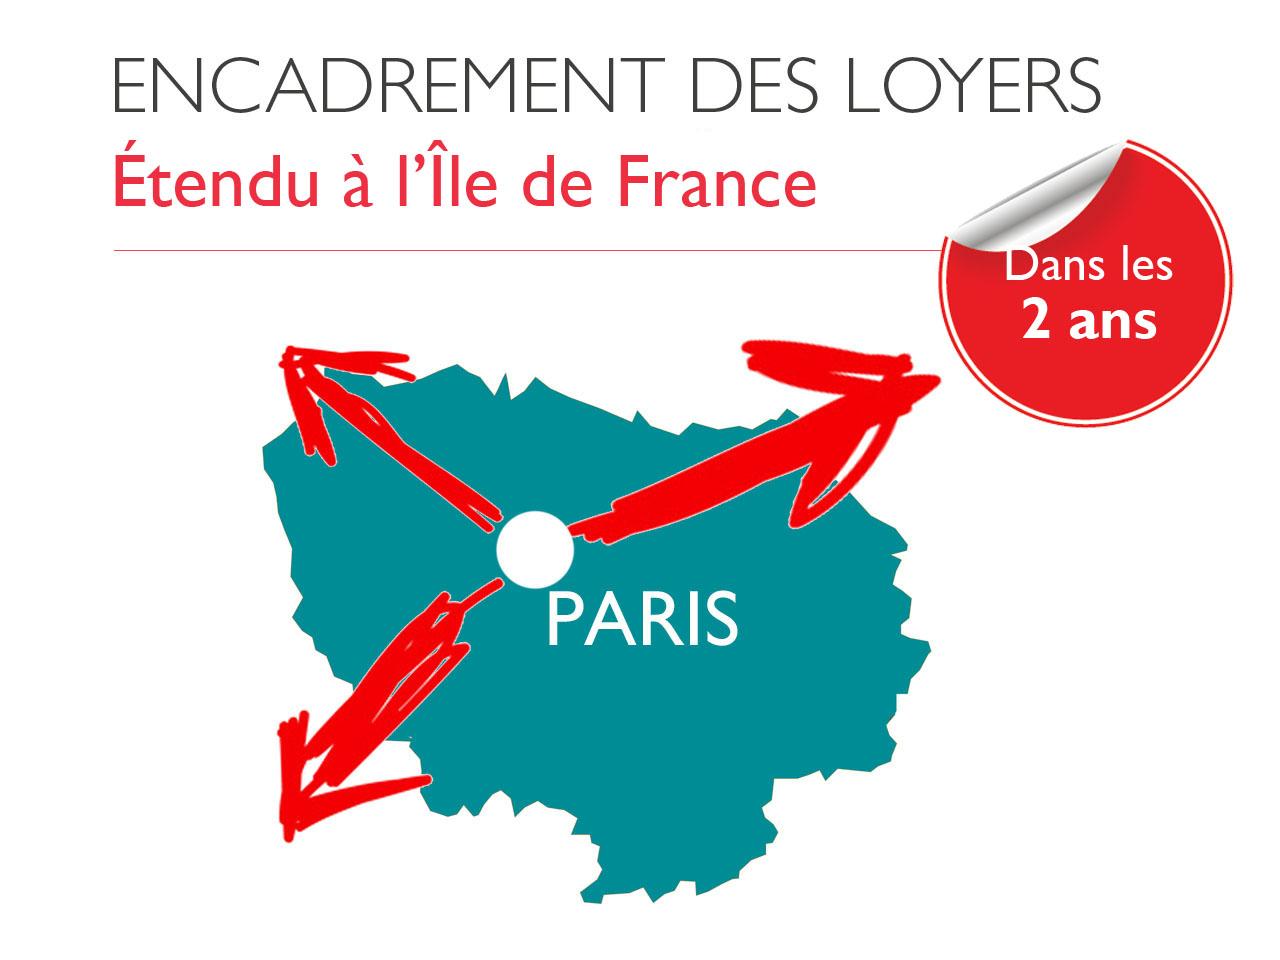 L'encadrement des loyers élargi à l'Île-de-France